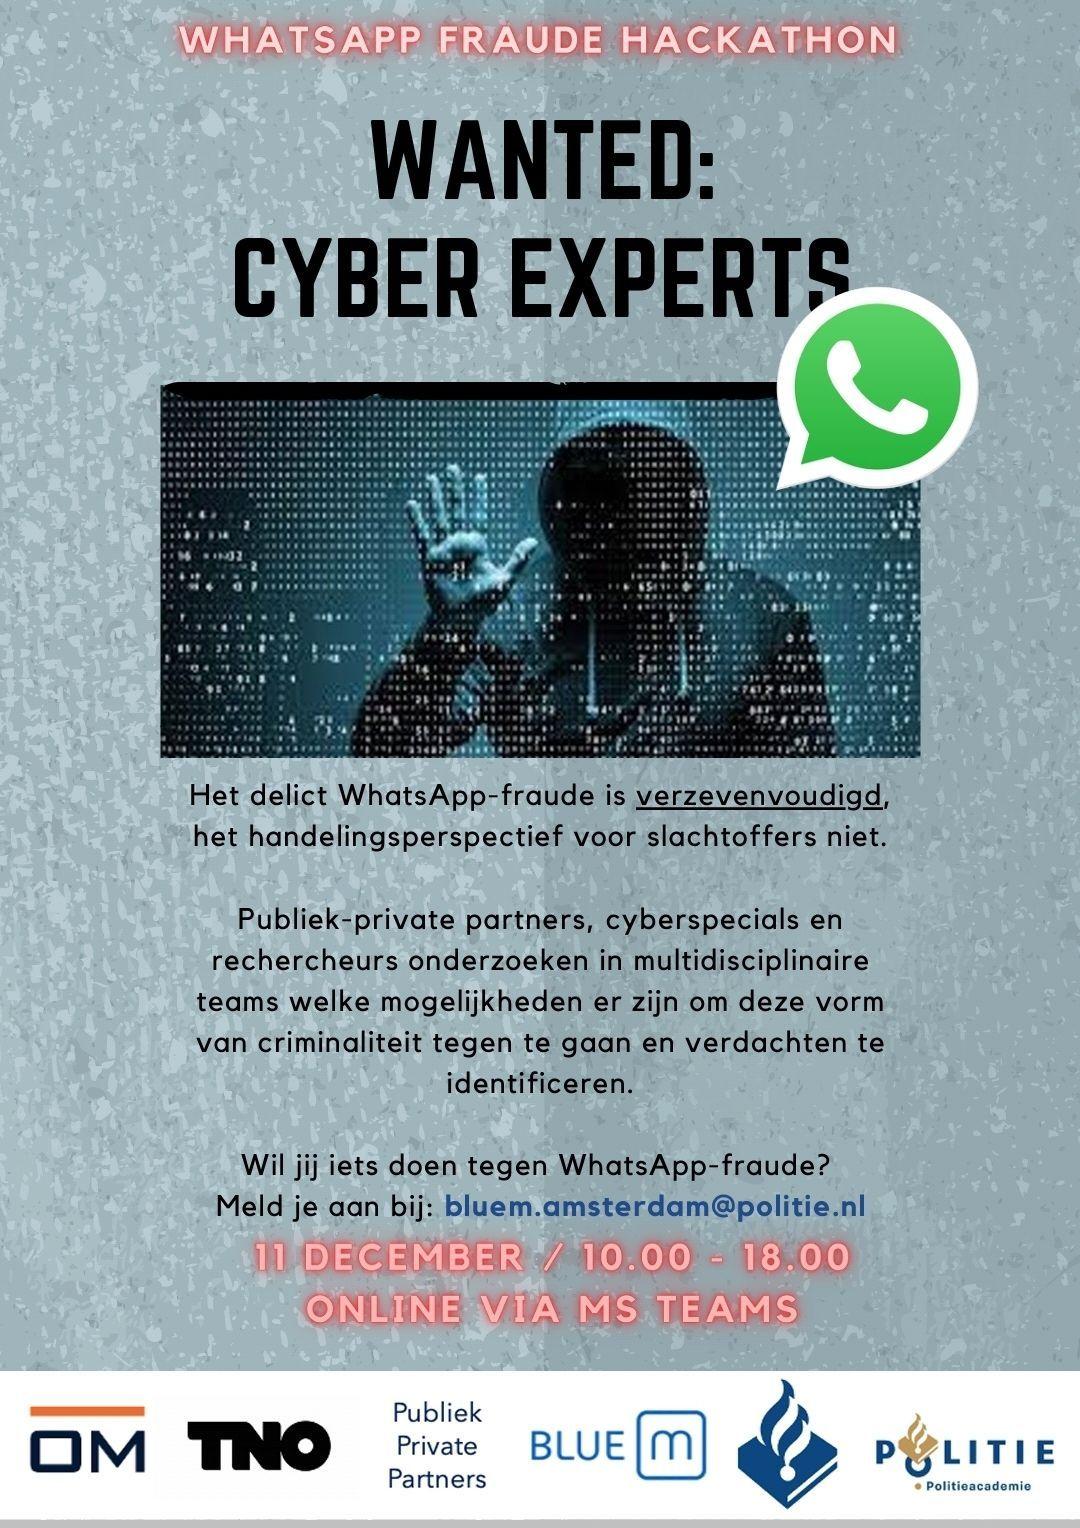 whatsapp fraud hackathon